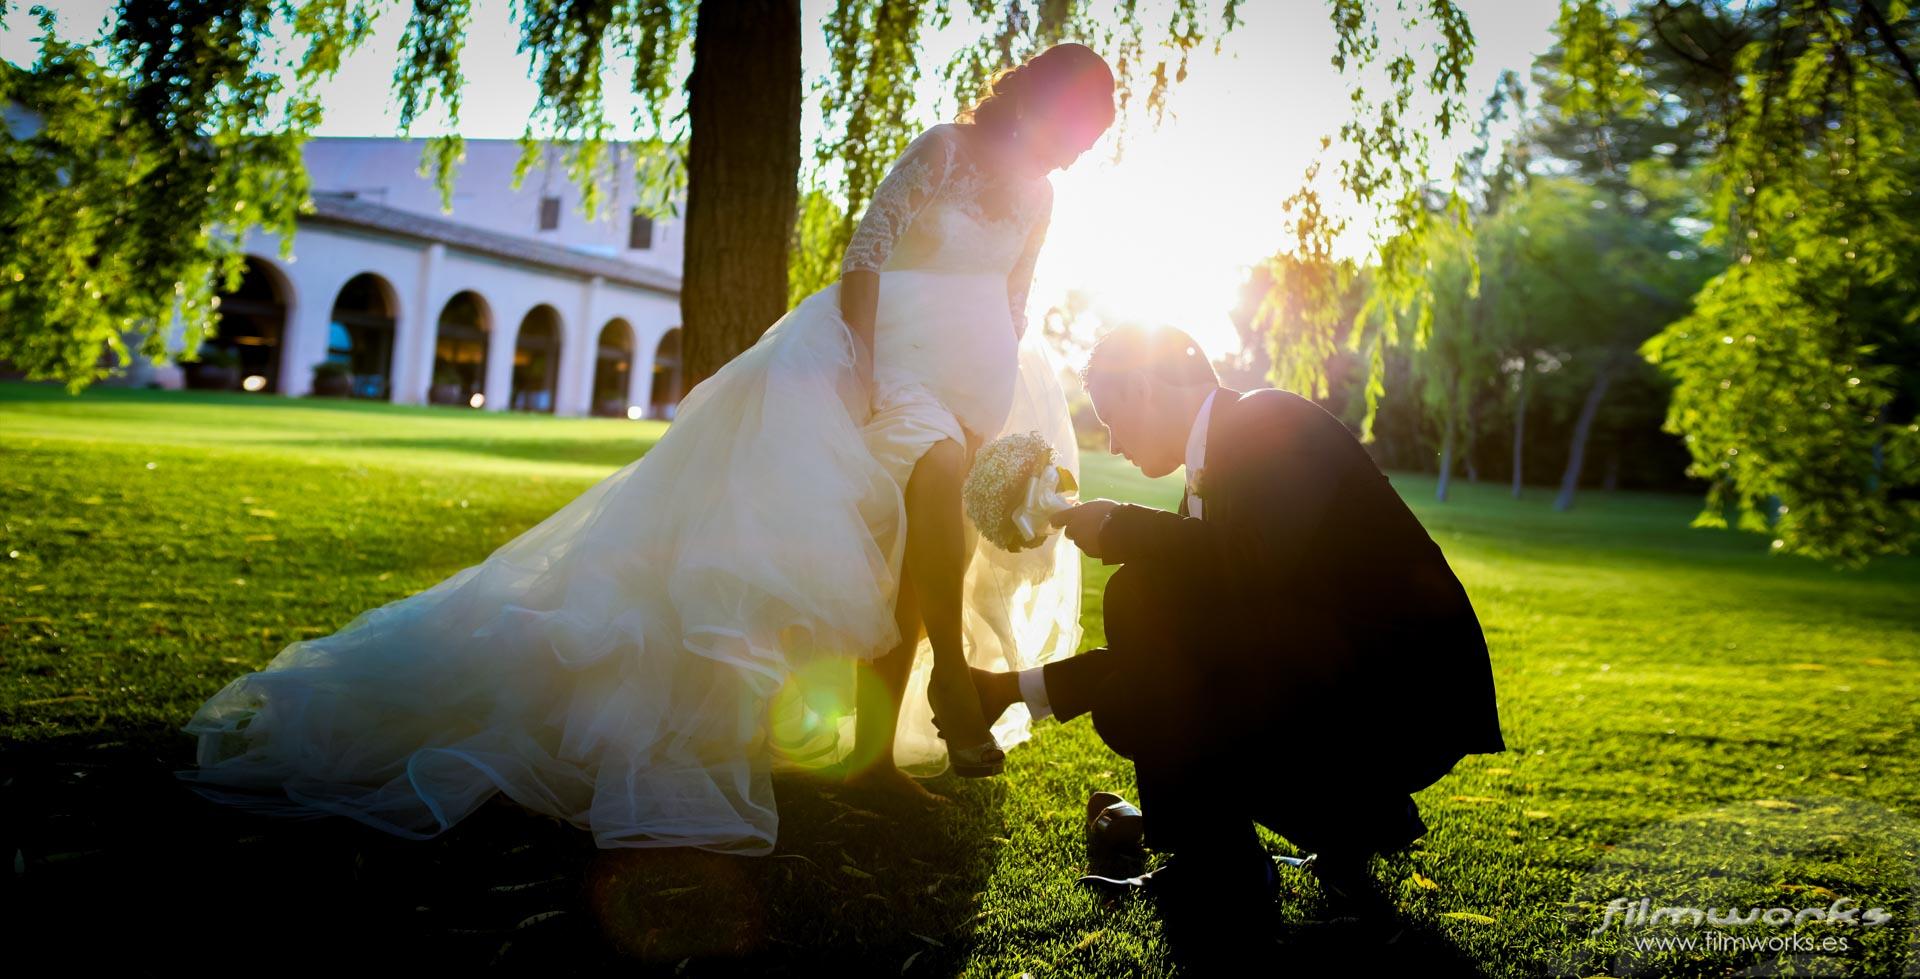 Mas Bonvilar, Fotos de Boda en Mas bonvilar, fotografos de boda